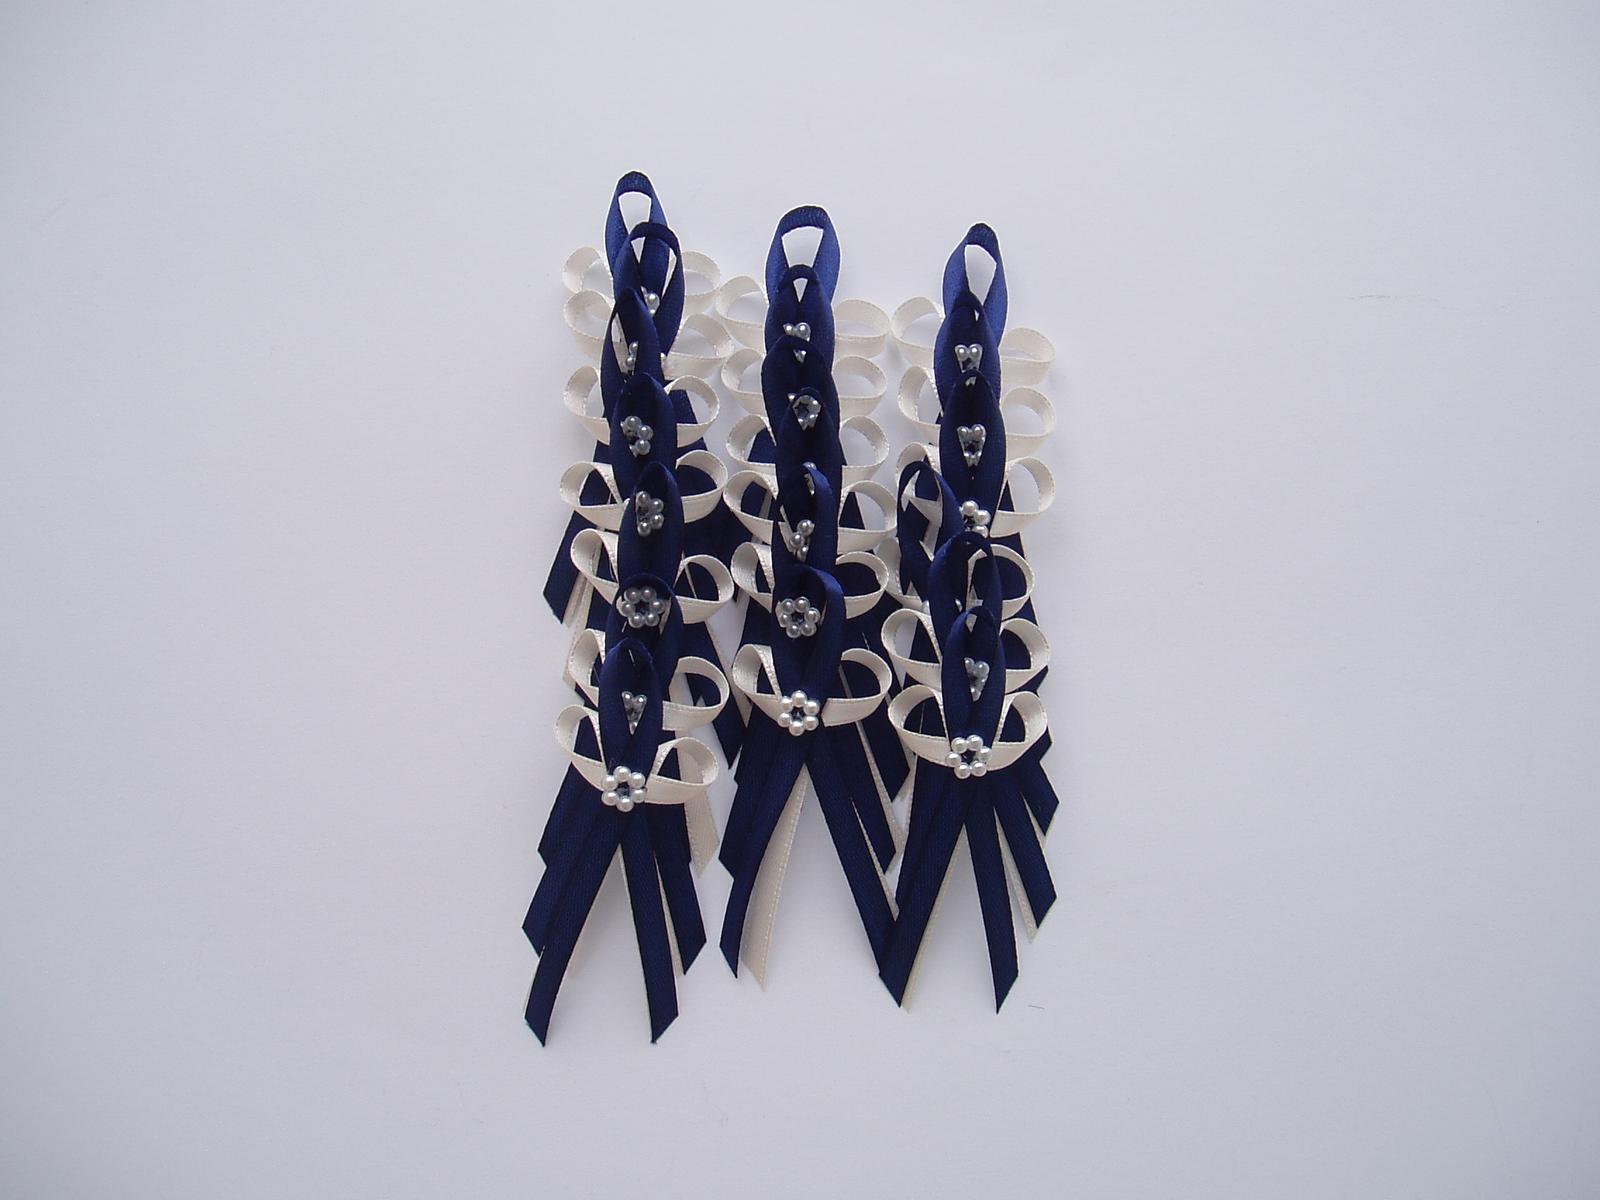 vývazek modrý navy - Obrázek č. 1